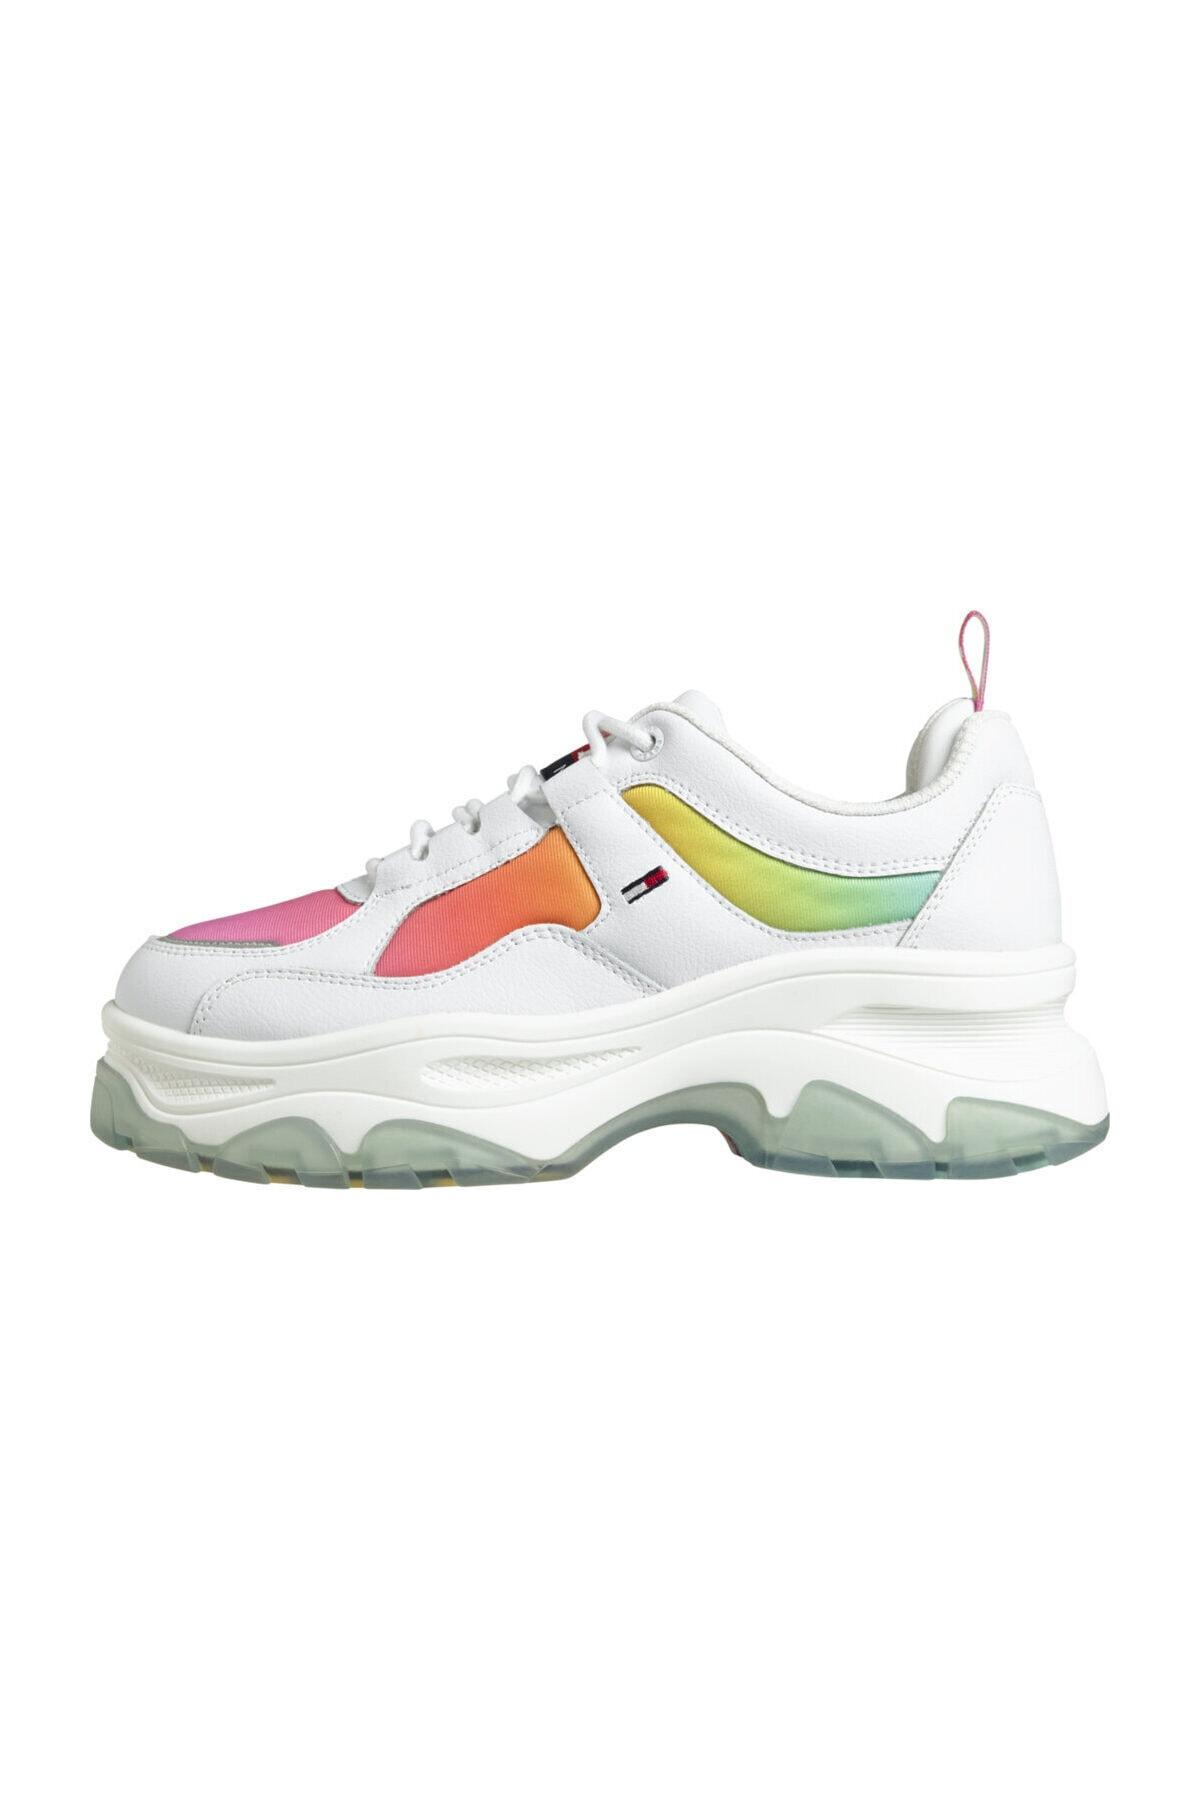 Tommy Hilfiger Degrade Flatform Shoe 2